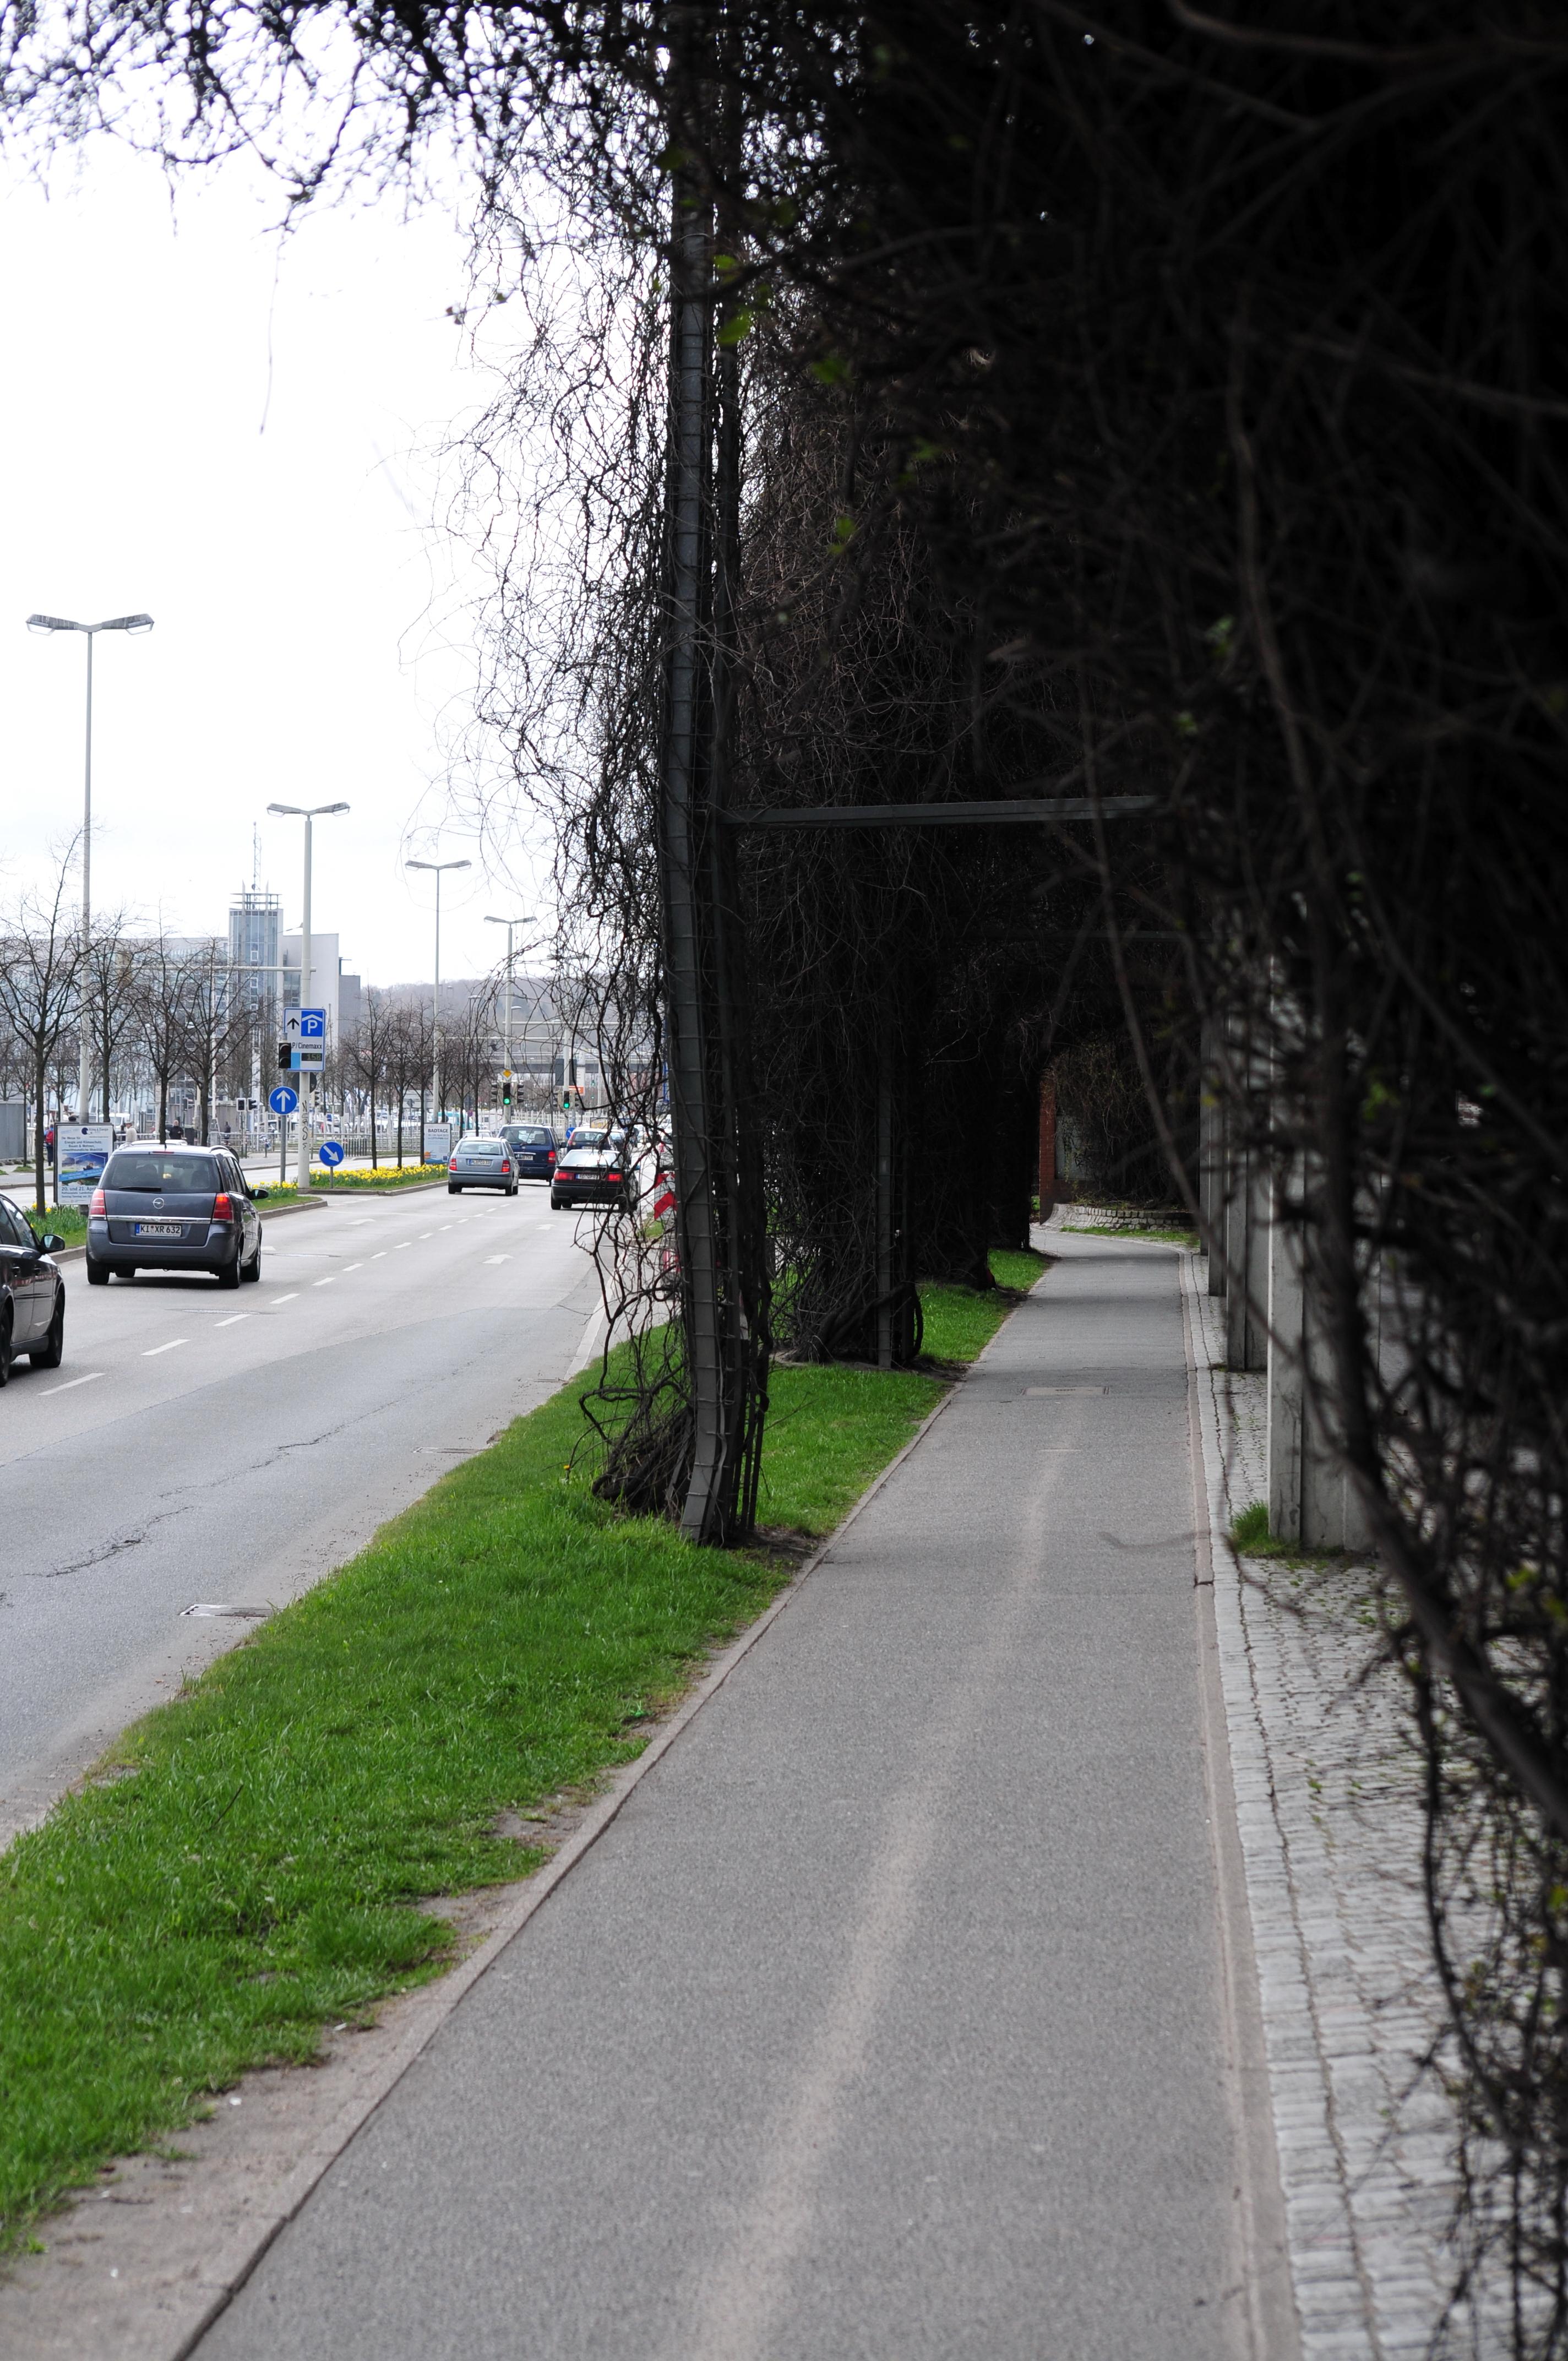 13-04-19-kiel-by-RalfR--095.jpg